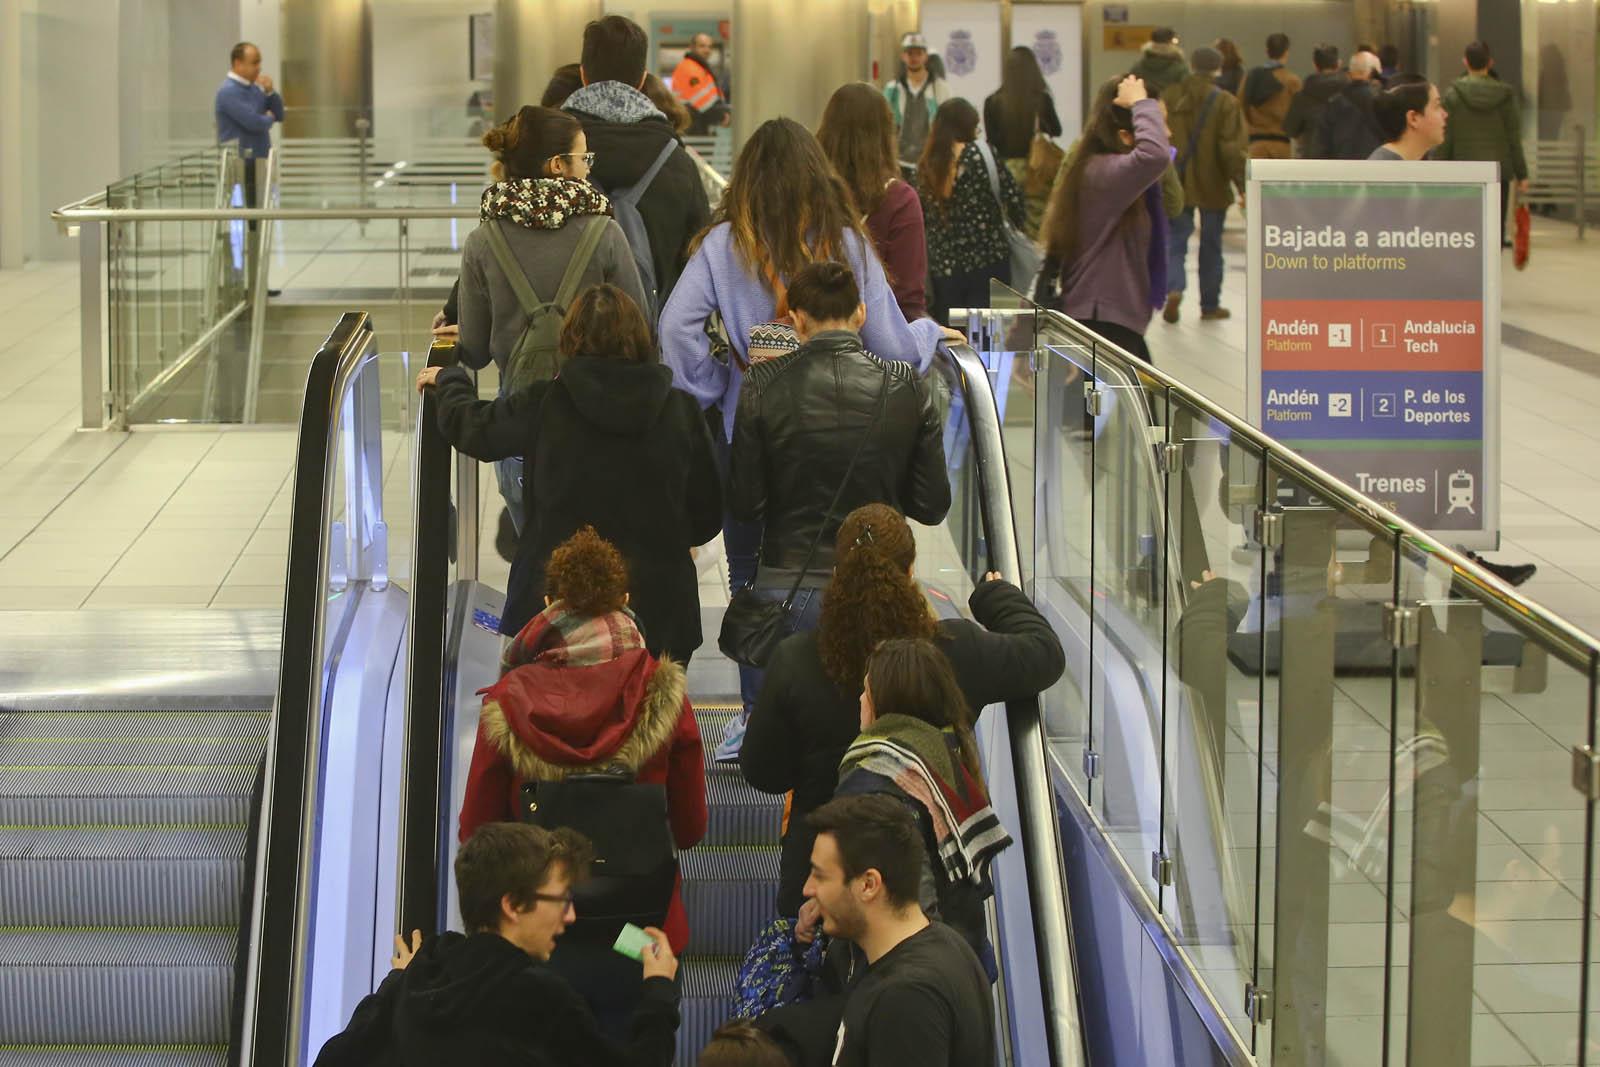 El mes de octubre es de gran afleuncia de usuarios en el metro de Málaga.